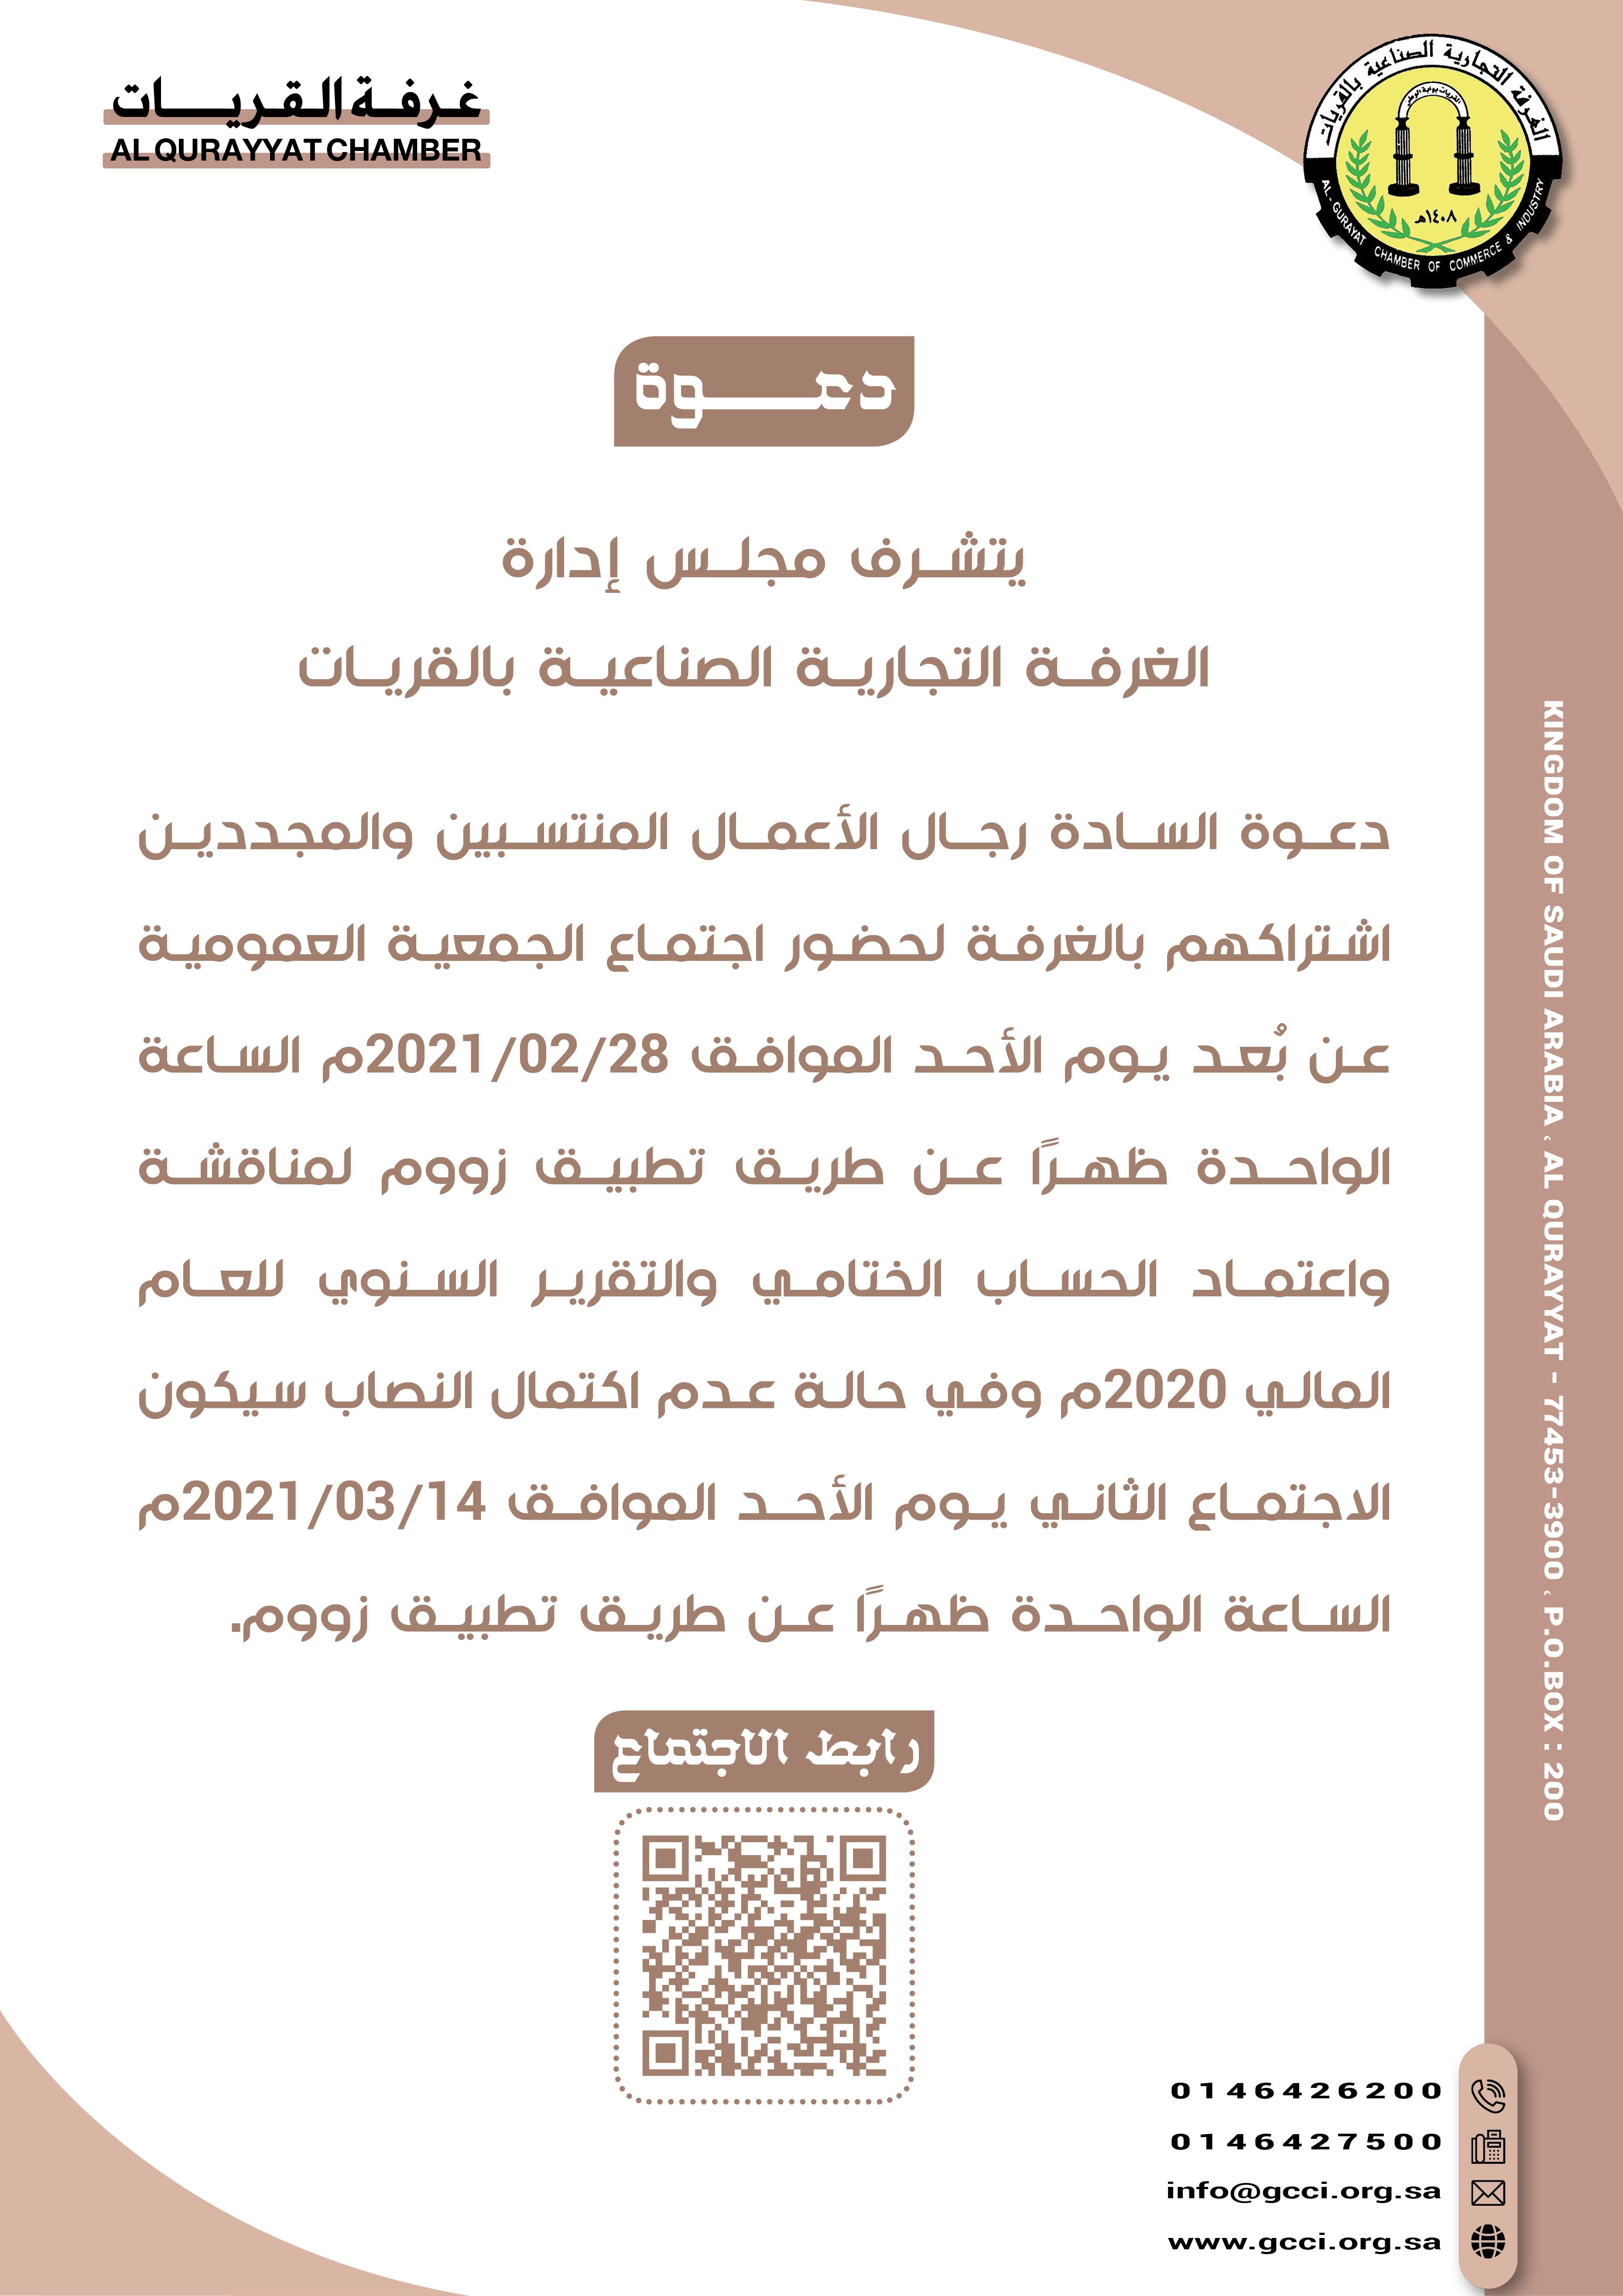 اجتماع الجمعية العمومية للعام المالي 2020م